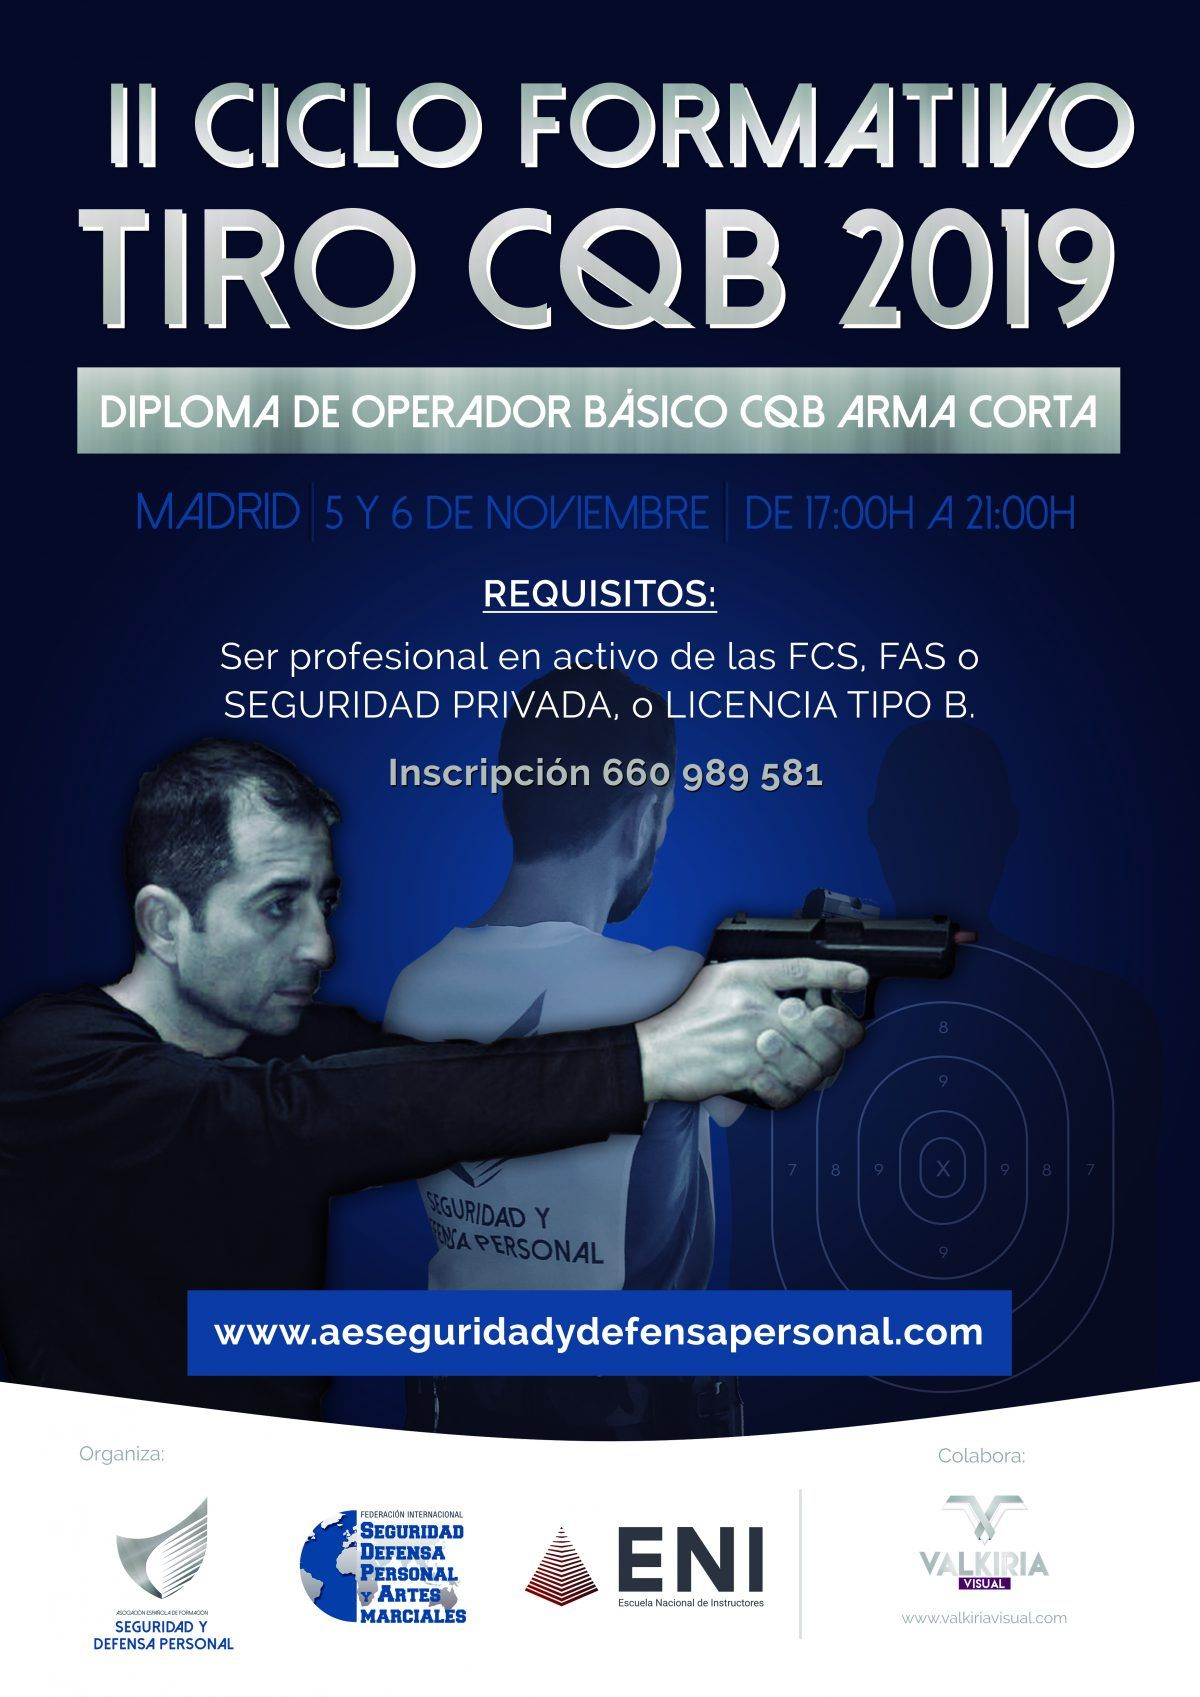 IIº Ciclo de Operadores CQB arma corta en Madrid